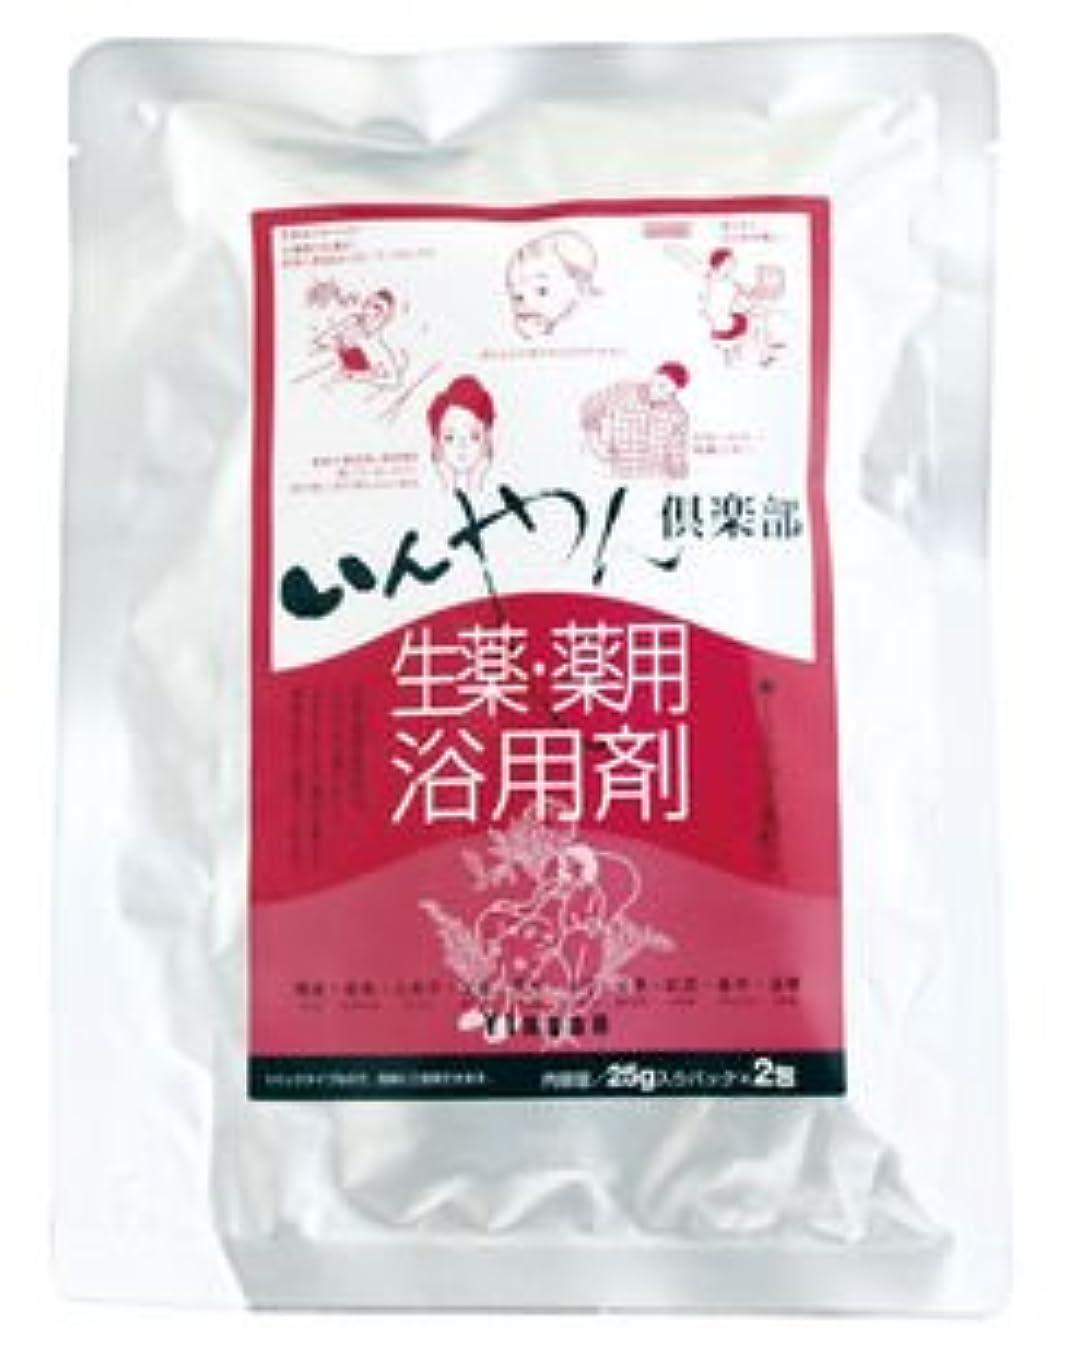 コインランドリー犯罪ウェイトレス生薬 薬用浴用剤 25g×2包